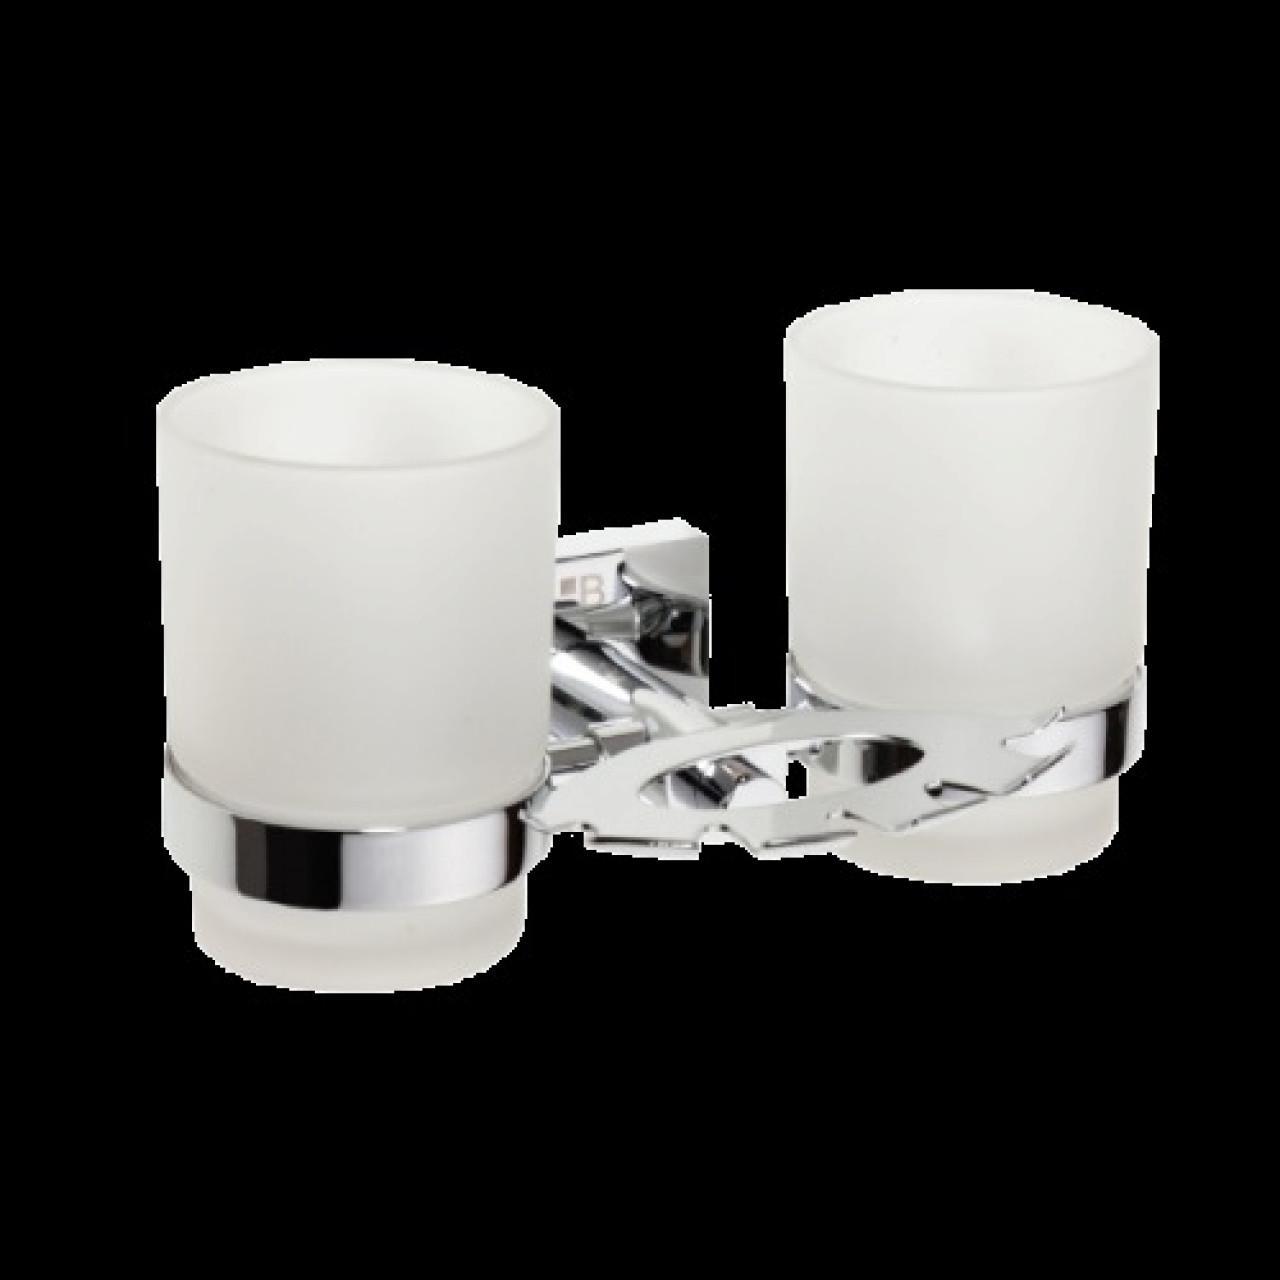 Держатель зубных щеток со стаканами BEMETA BETA 132110042 купить в Москве по цене от 2830р. в интернет-магазине mebel-v-vannu.ru